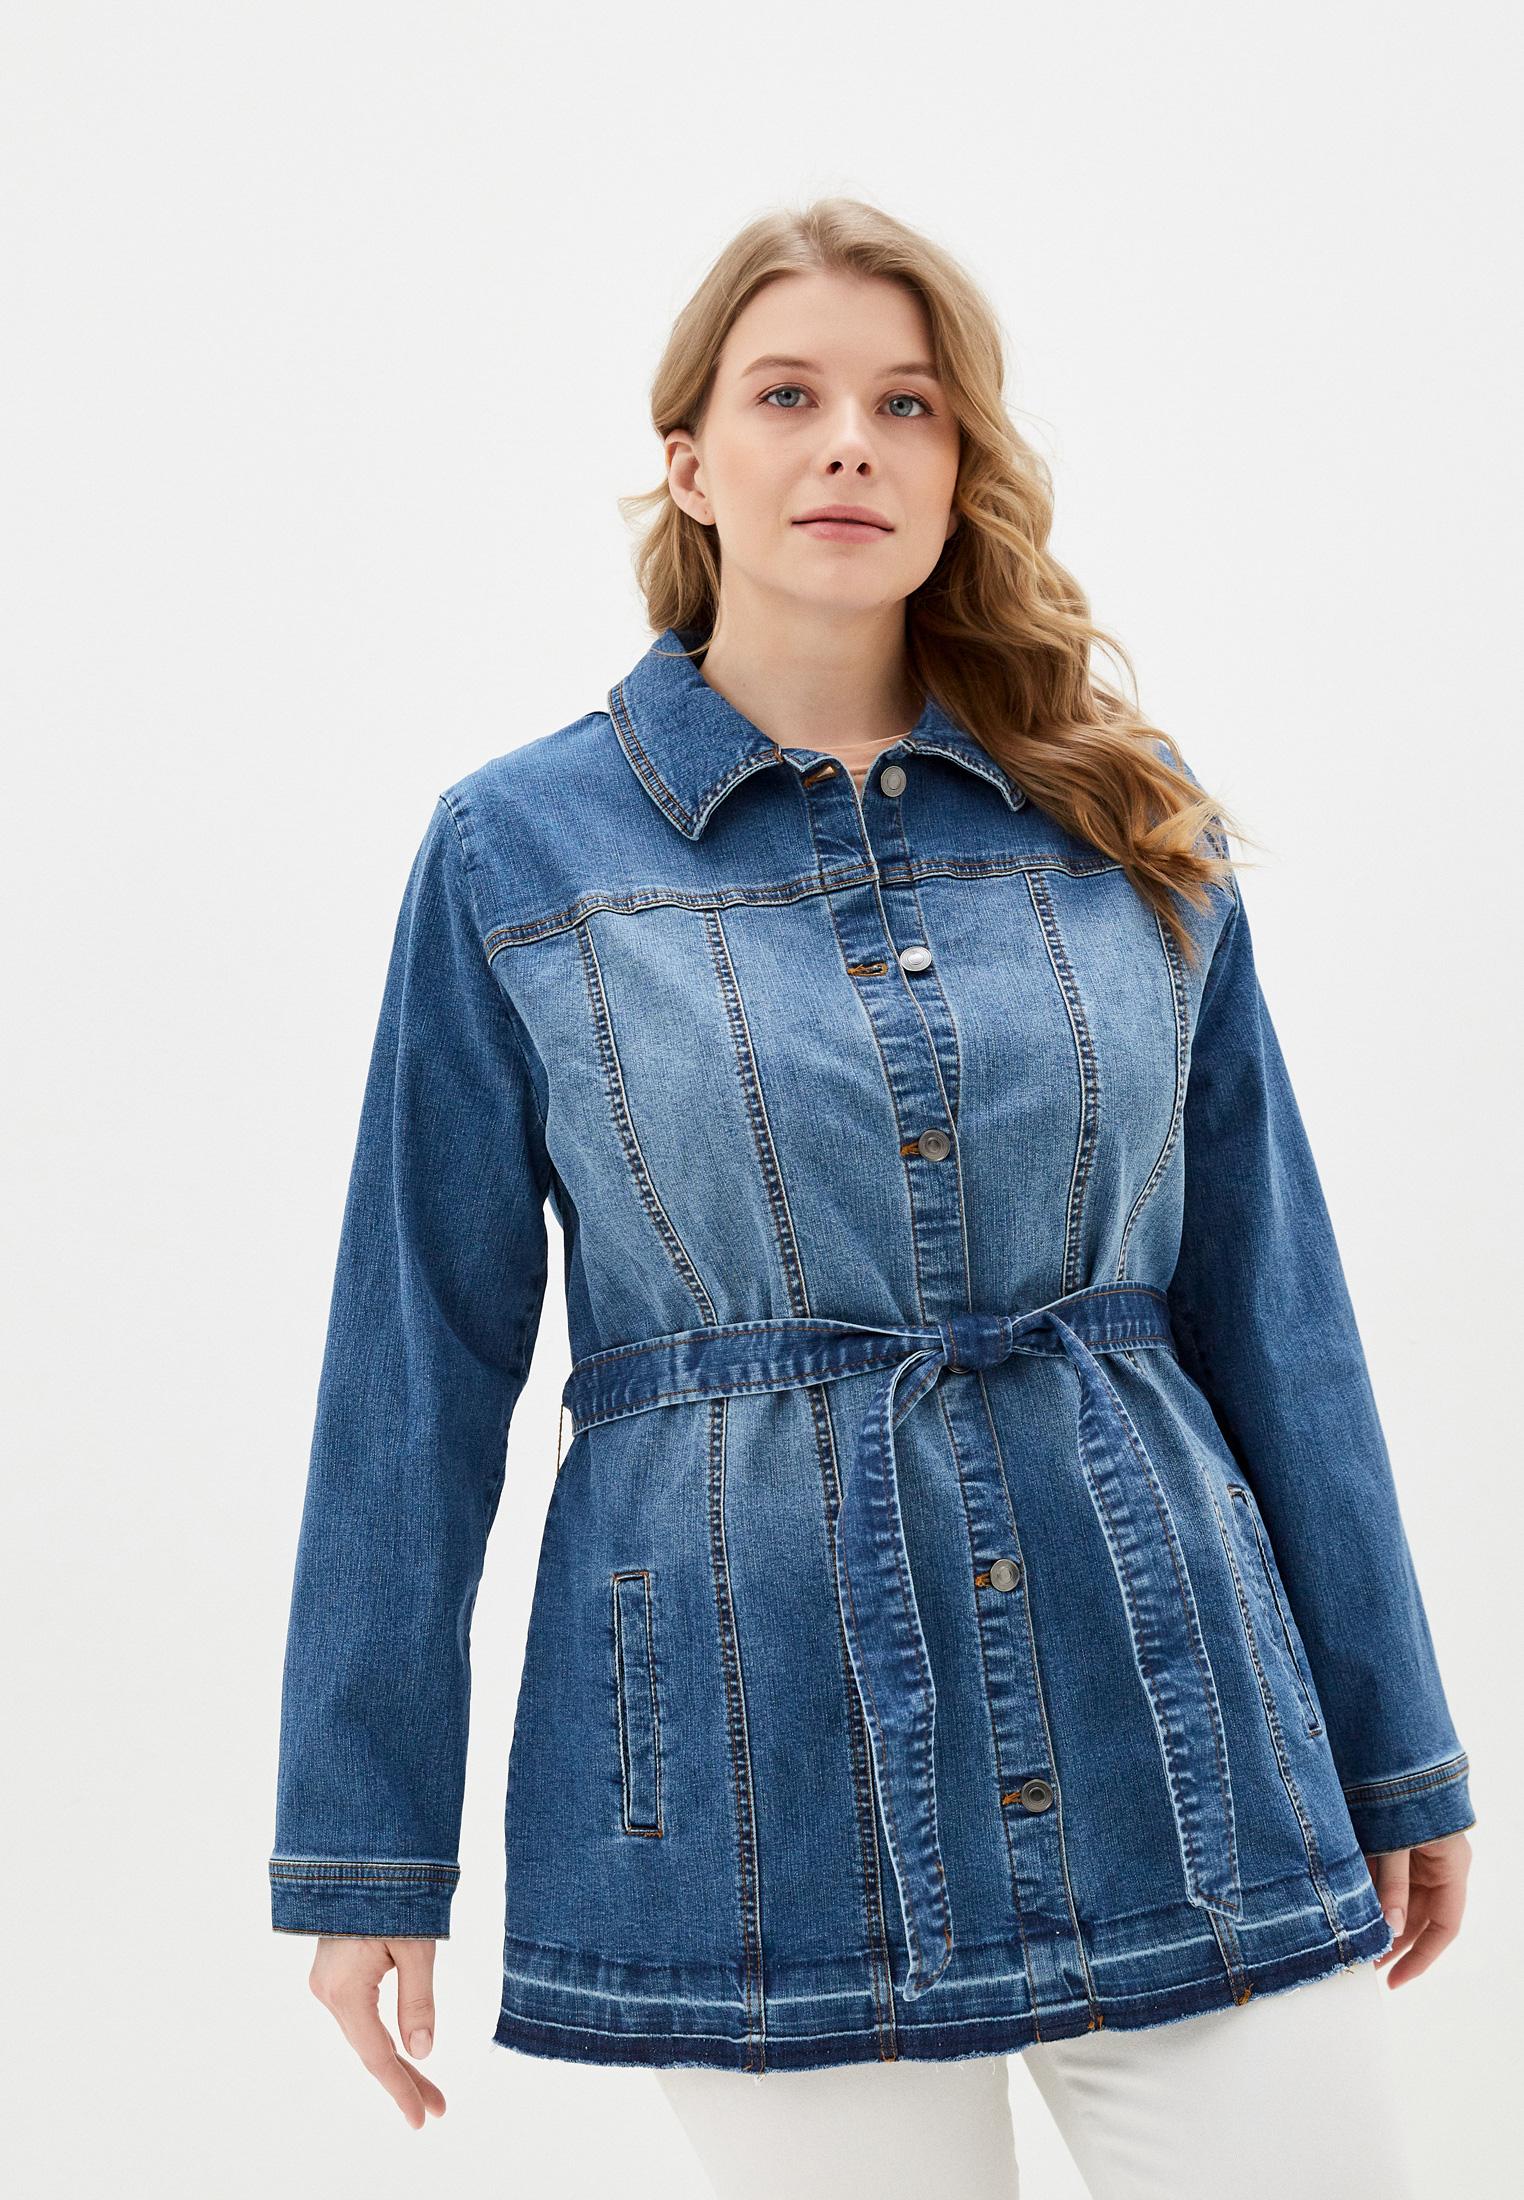 Джинсовая куртка Ulla Popken (Улла Пупкин) 727288: изображение 1